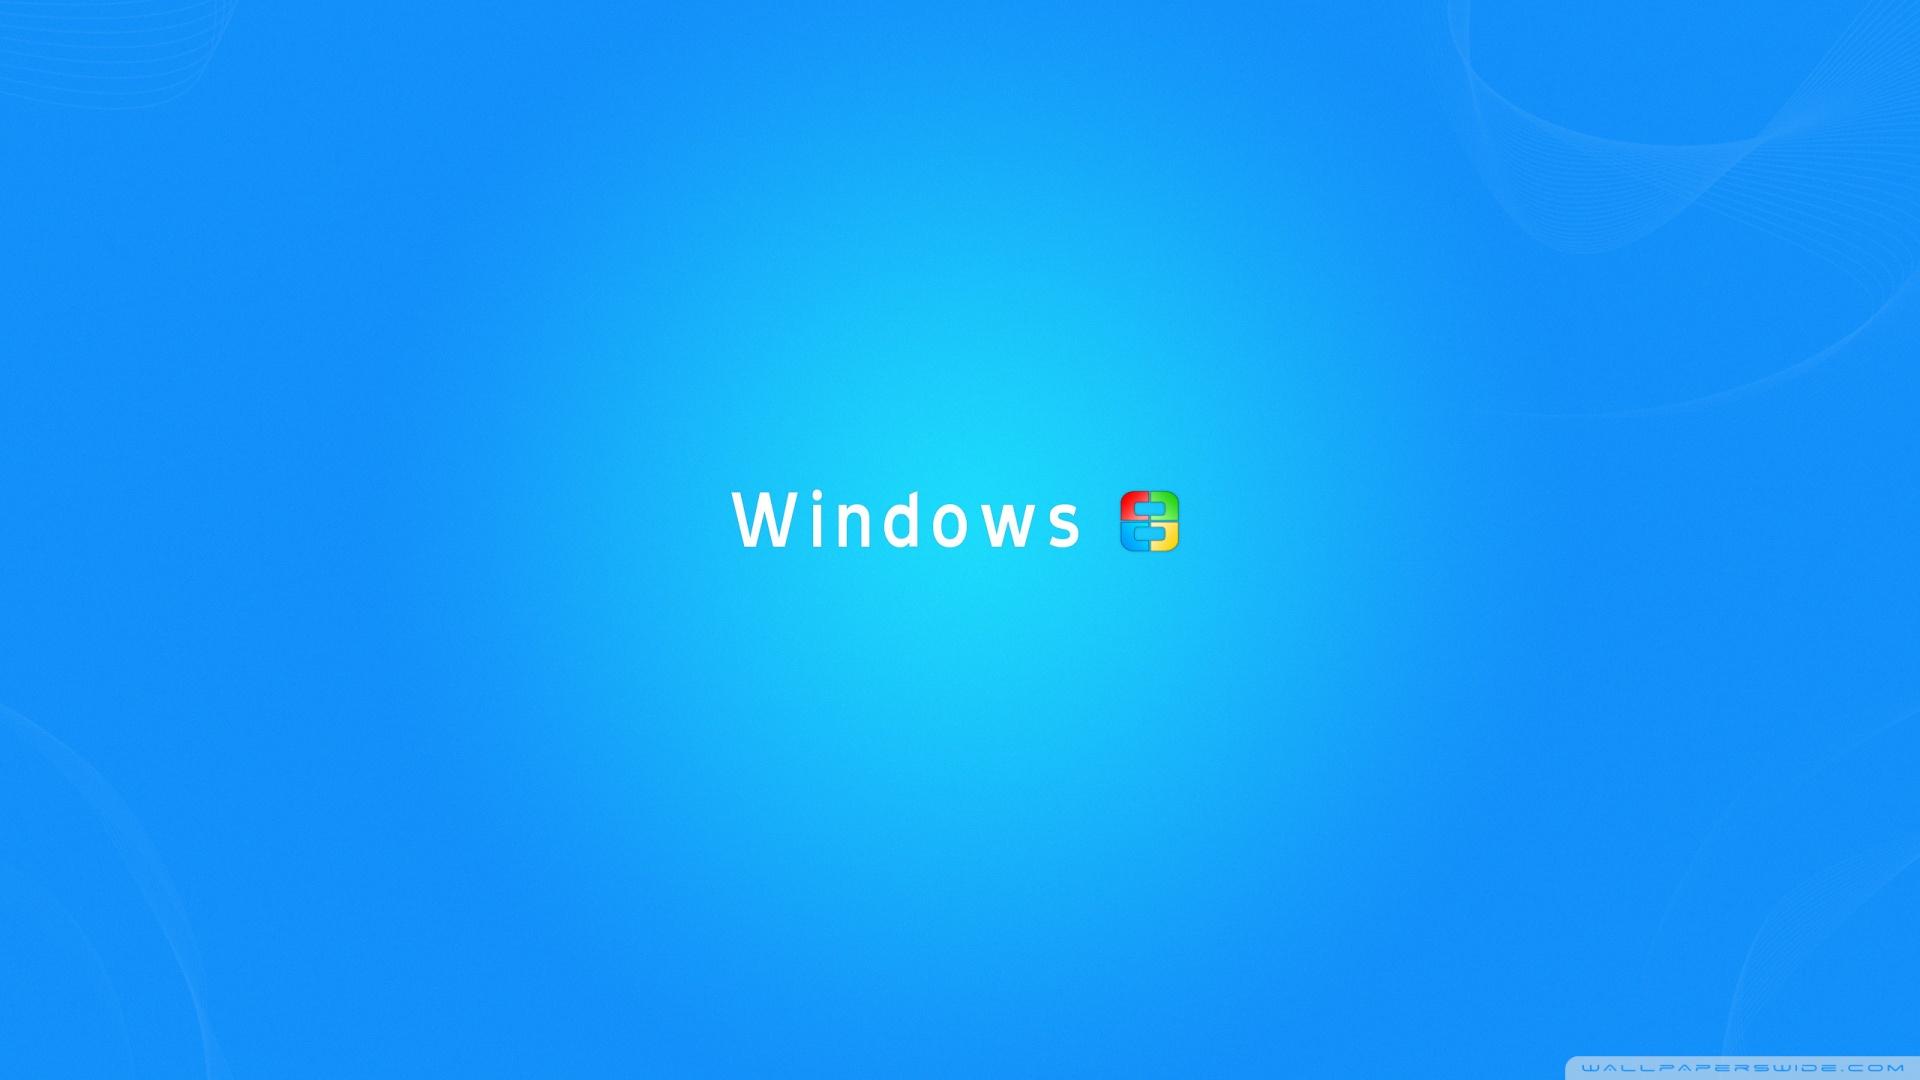 Windows 8 Wallpaper 1920x1080 1920x1080 windows 8 wallpaper 1920x1080